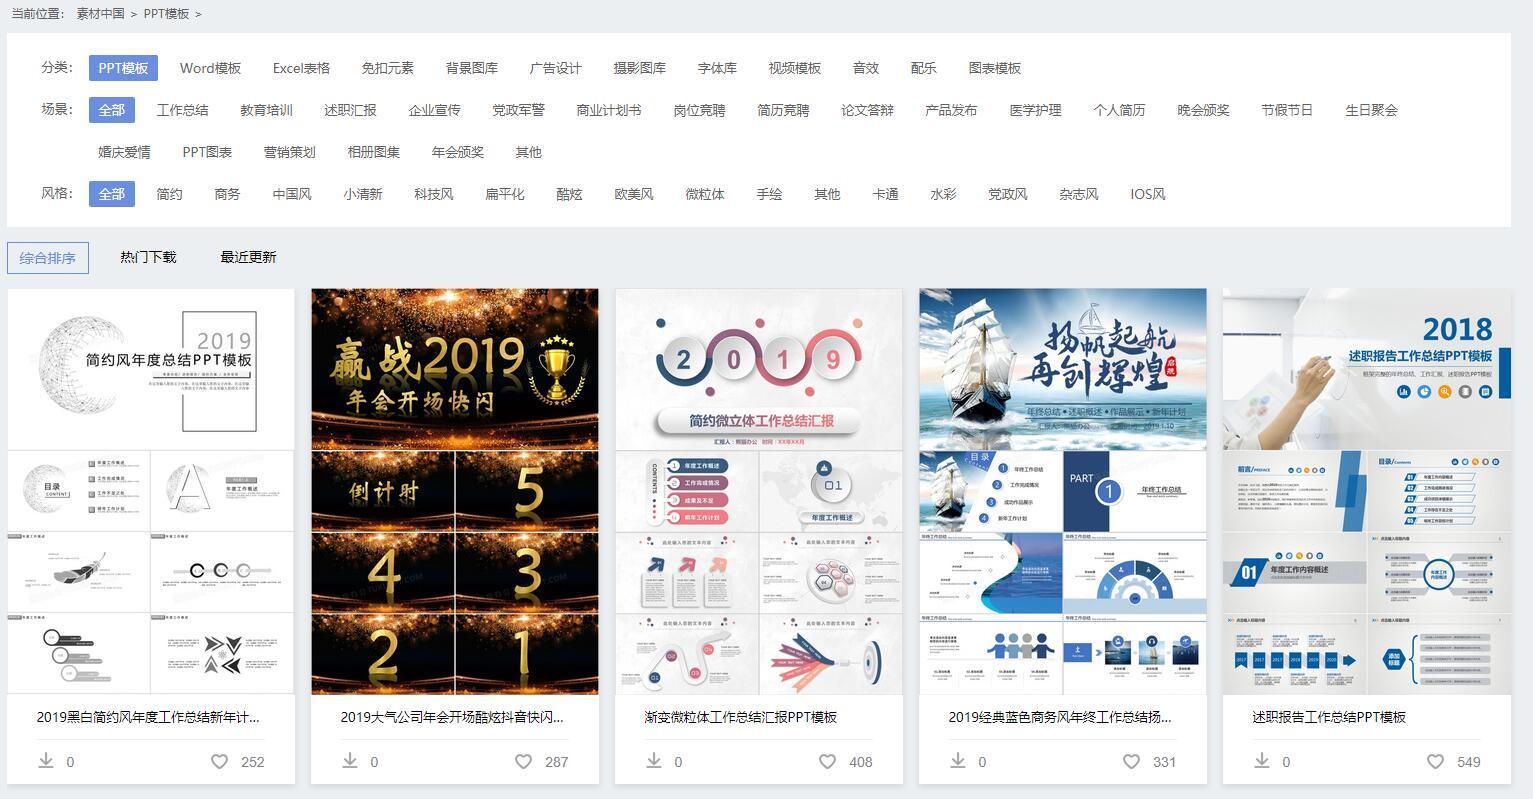 帝国cms仿熊猫办公PPT模板完整文件